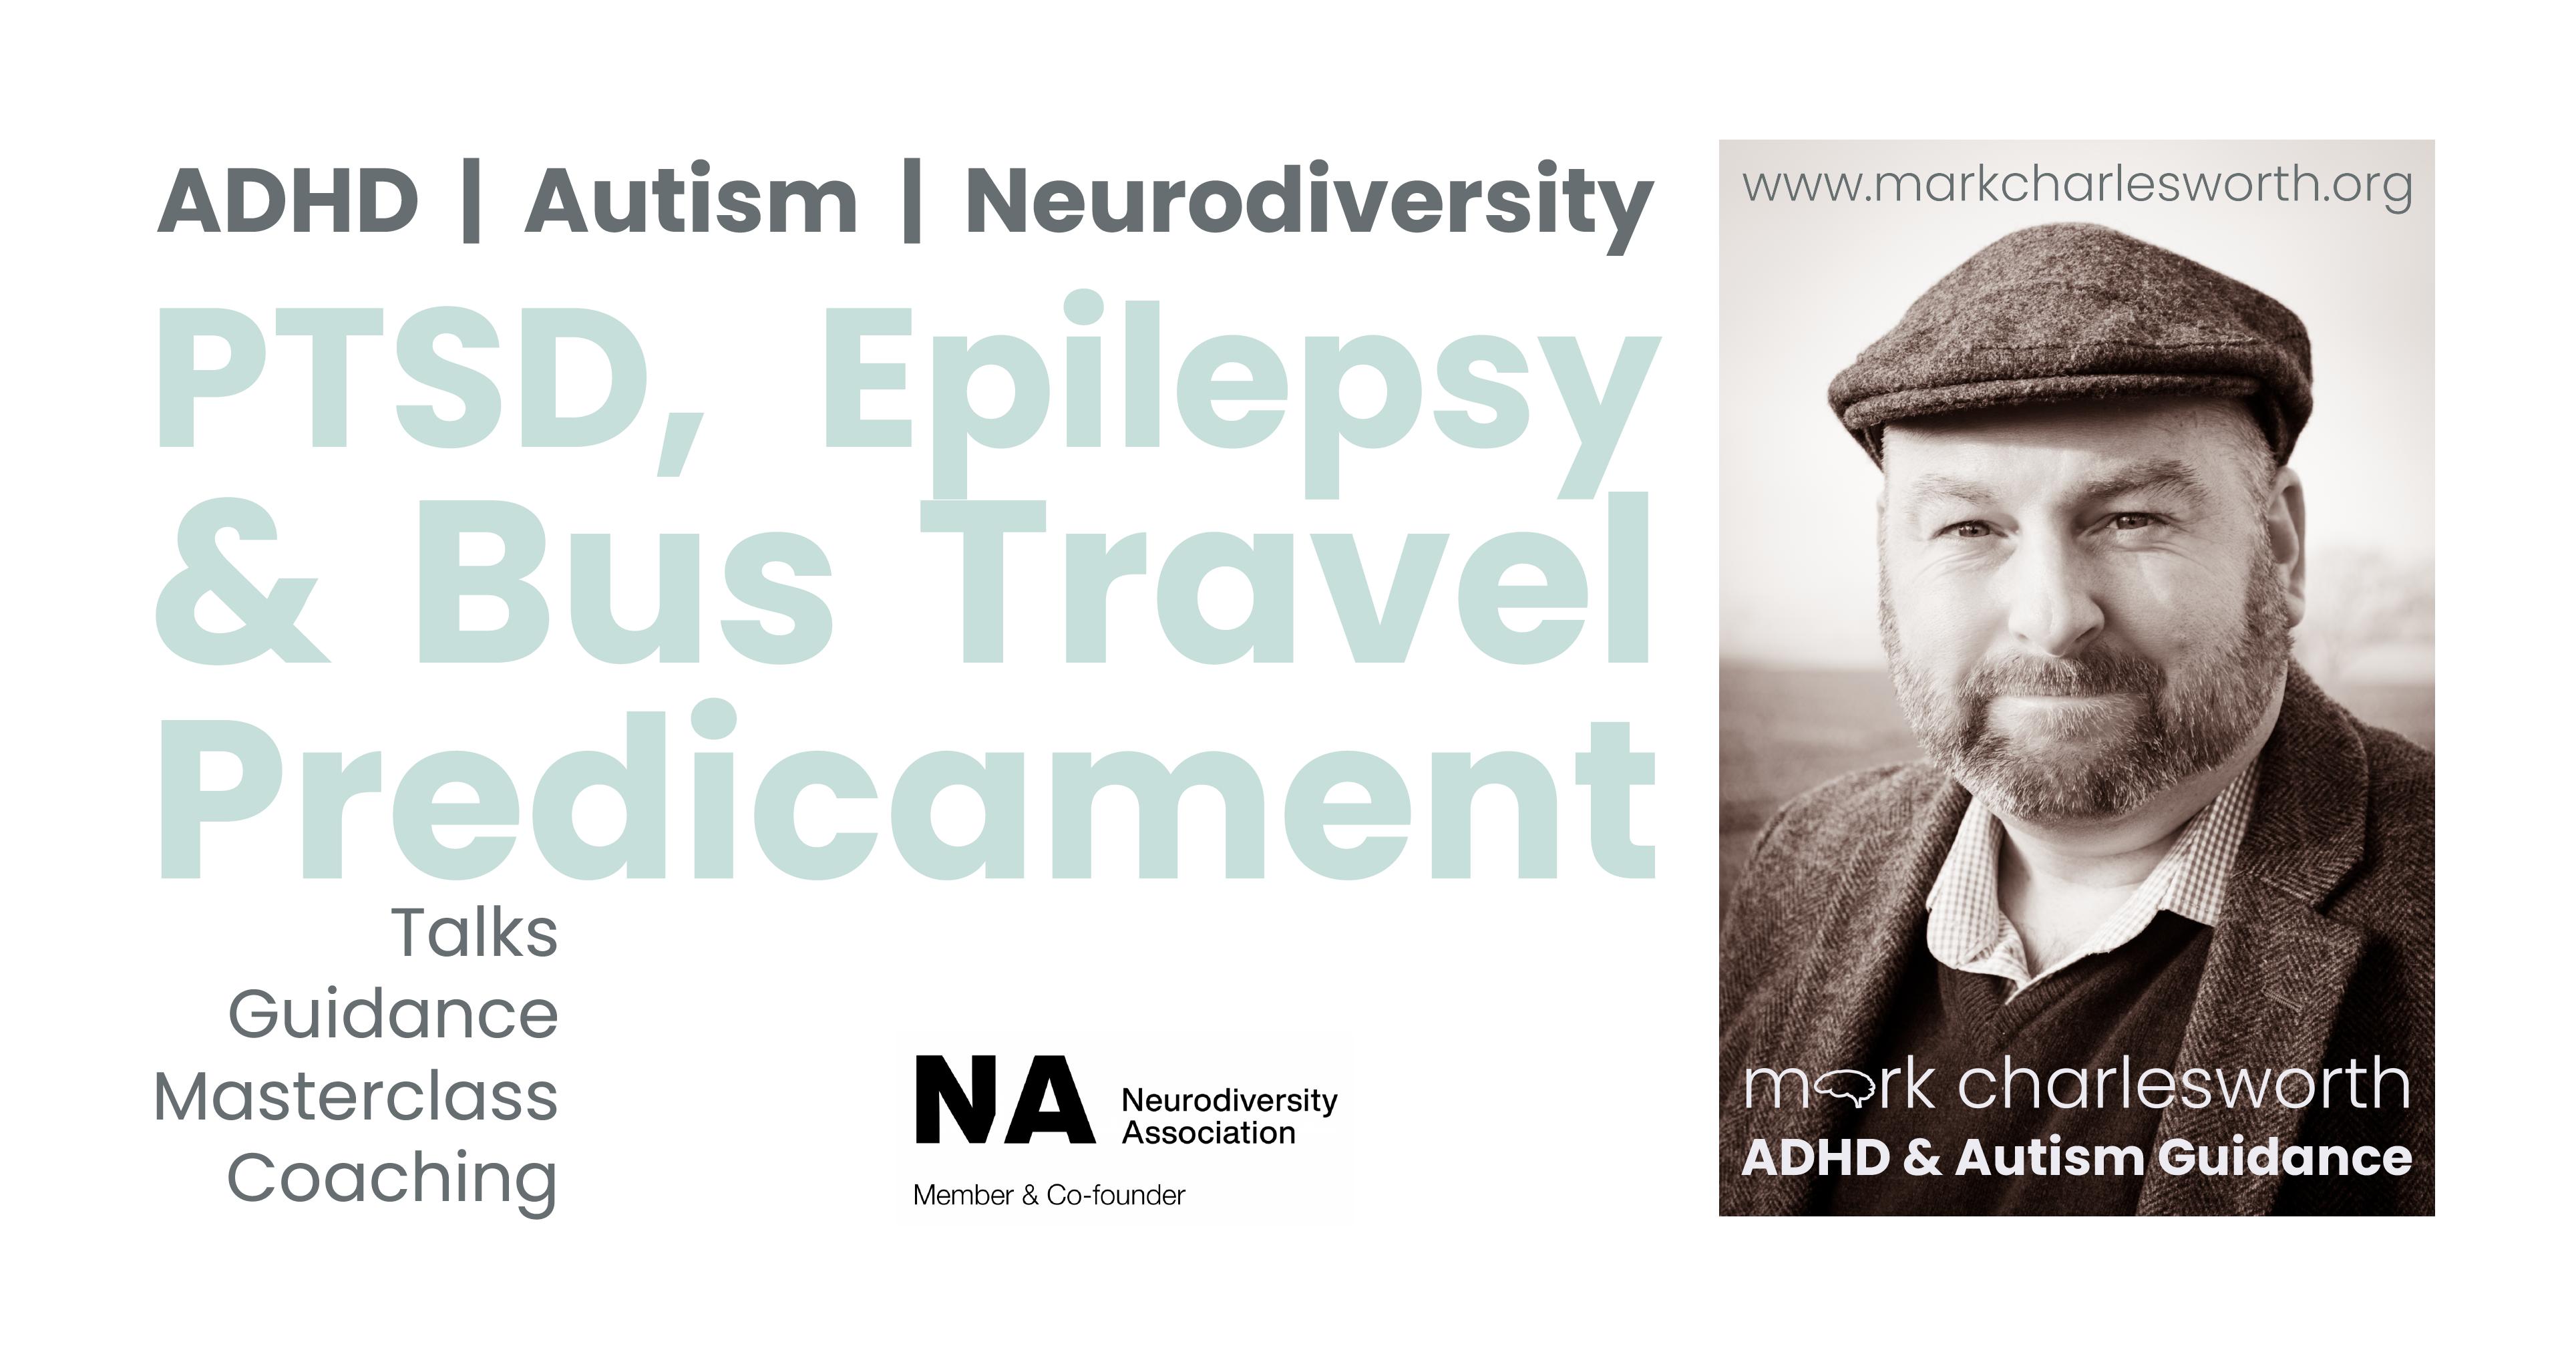 PTSD Epilepsy & Bus Travel